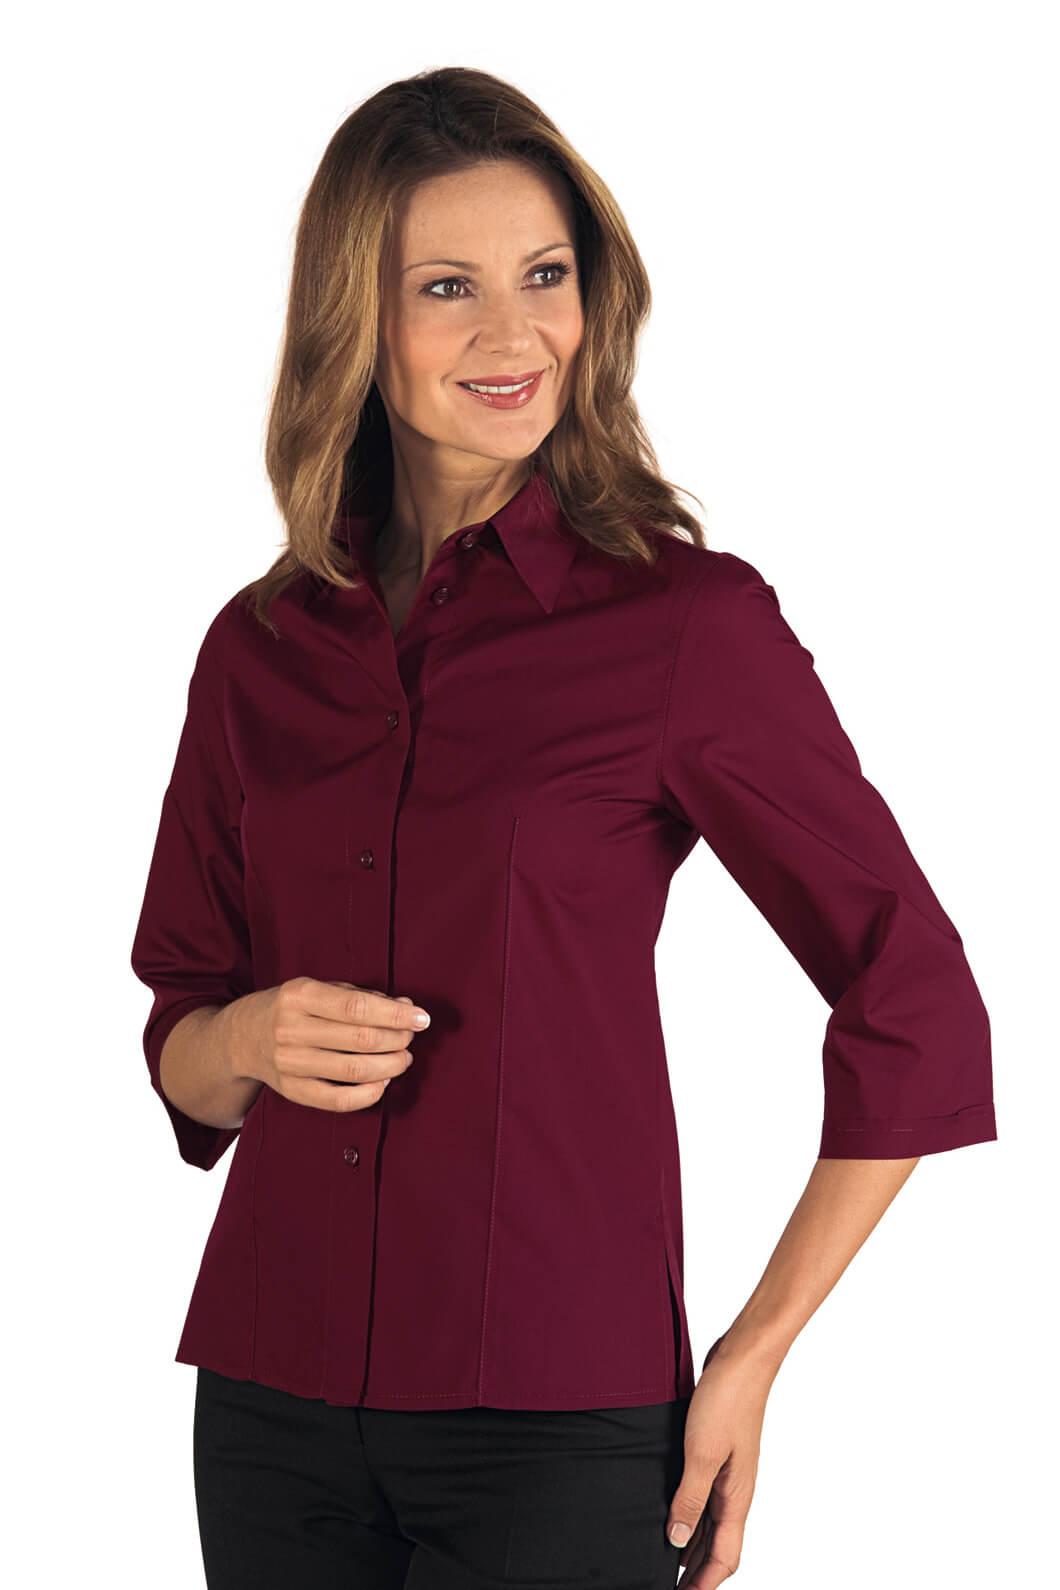 chemise femme kyoto manches 3 4 bordeaux